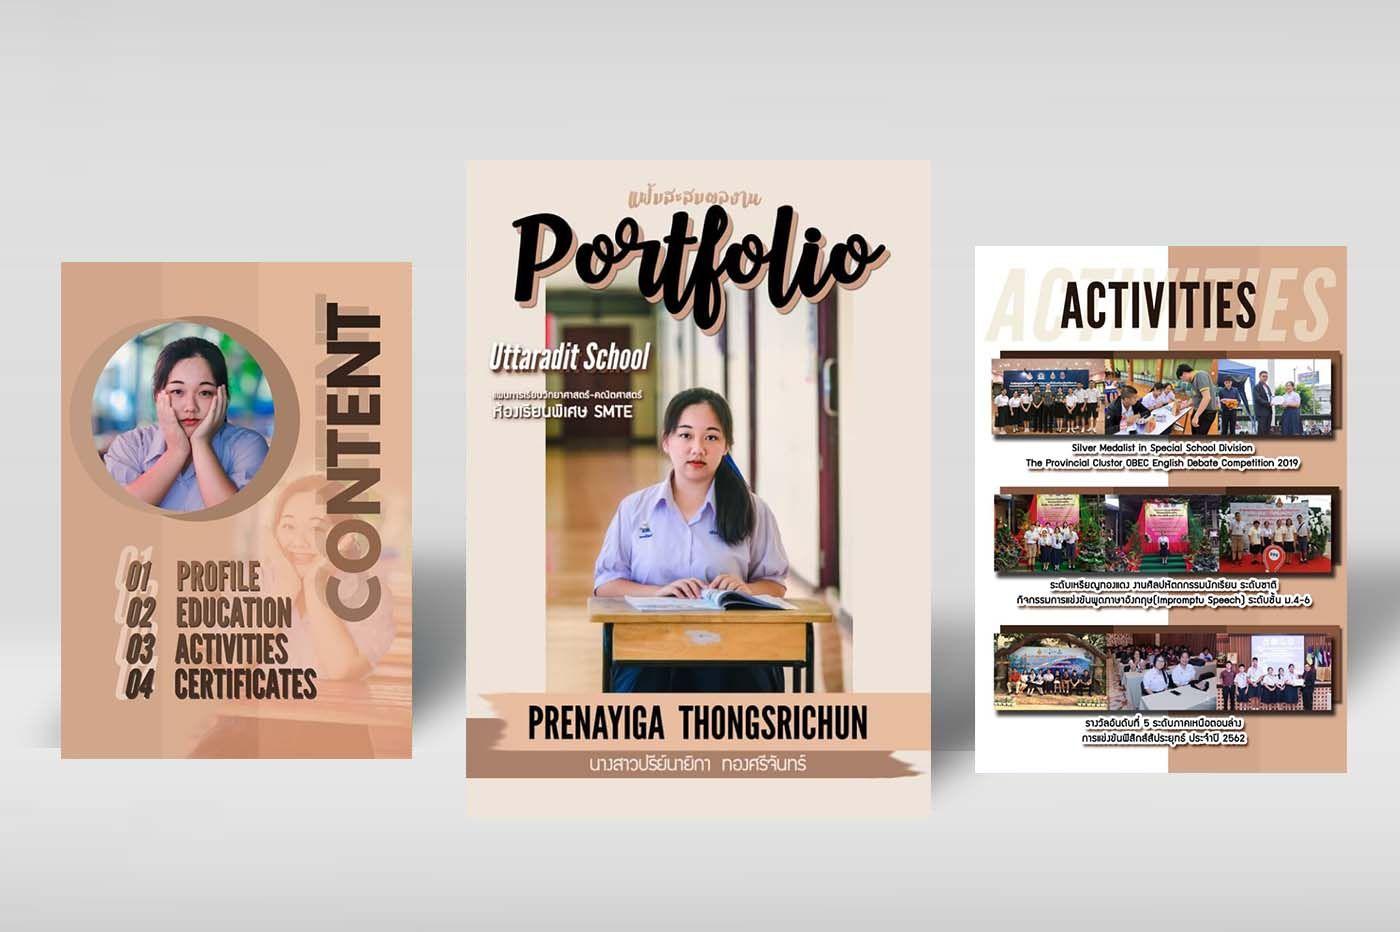 ตัวอย่าง Portfolio EP08 - เว็บสอนทำ Portfolio ที่ใหญ่ที่สุด (อันดับ1)